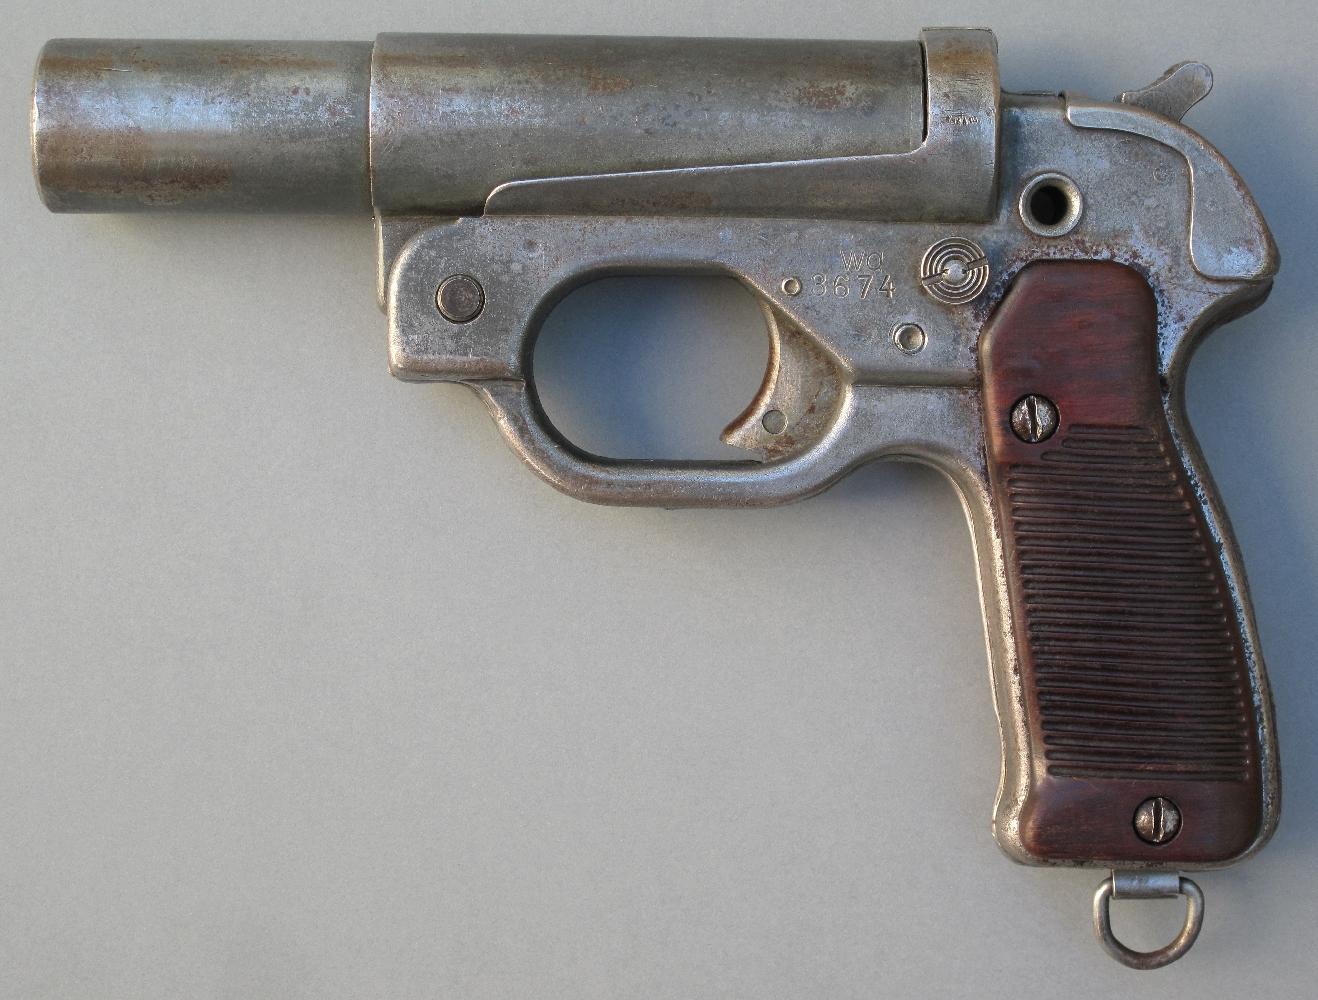 """Produit à partir de 1942, le modèle LP 42 (Gazette des Armes N°494) se révèle très fiable, malgré sa fabrication rustique en tôle emboutie et soudée. Cet exemplaire a été produit par la Waffenfabrik Hugo Schneider à Leipzig (code de guerre """"wa"""")."""